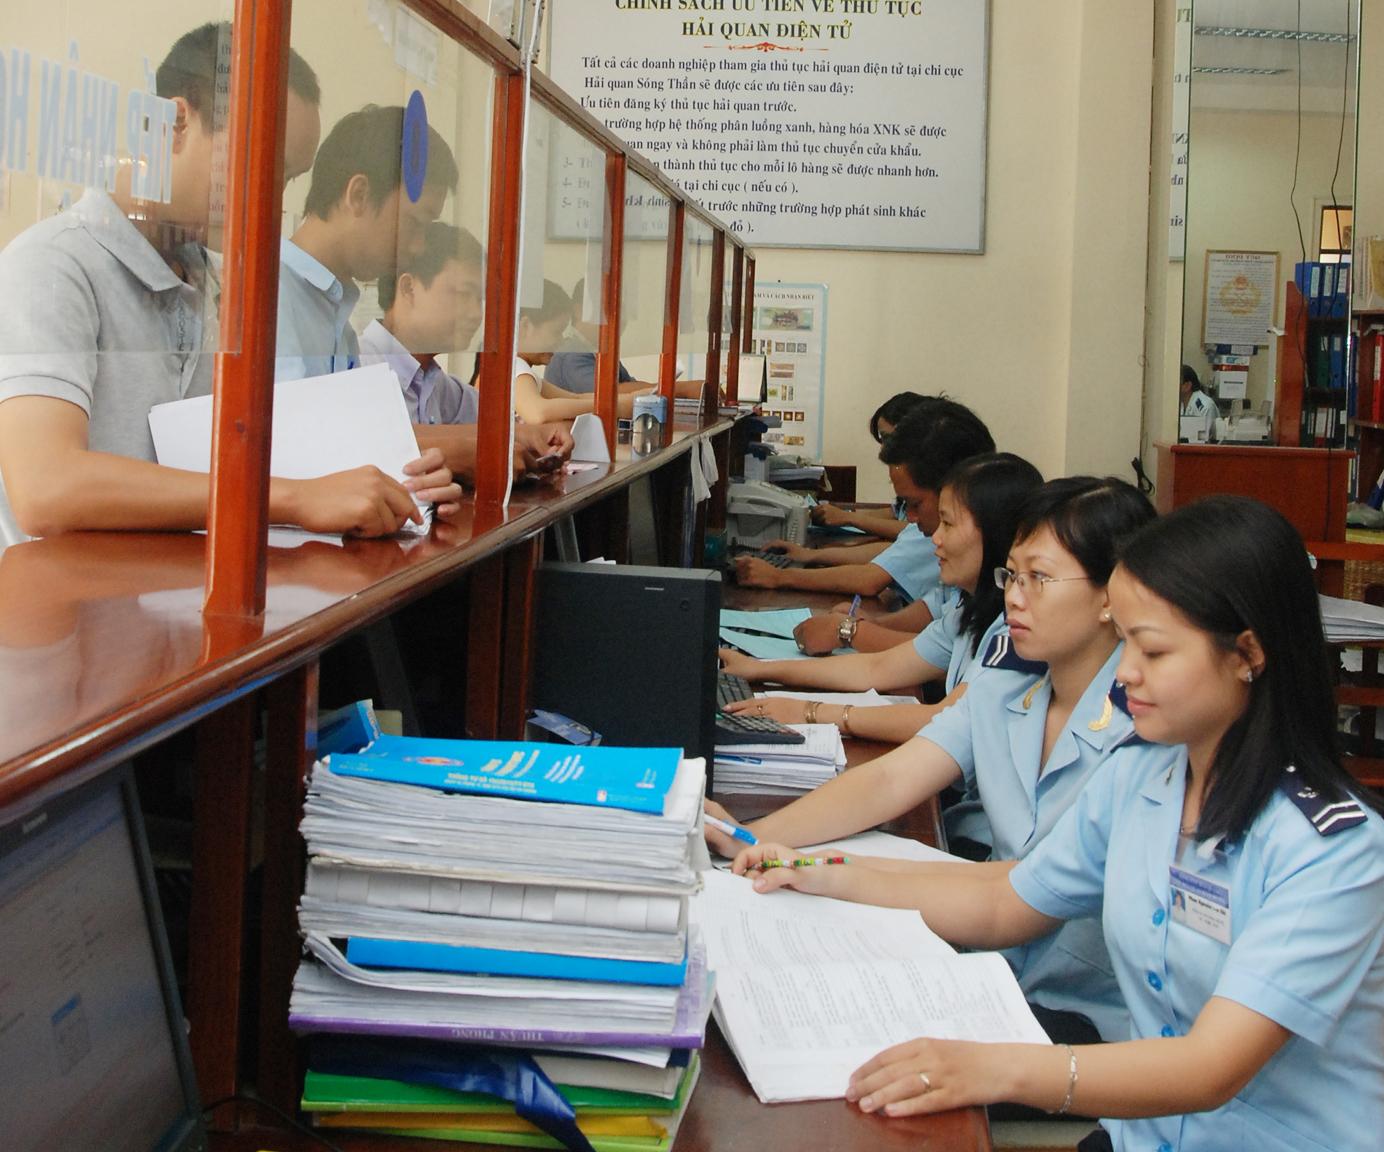 Dịch vụ khai báo hải quan đi Lào